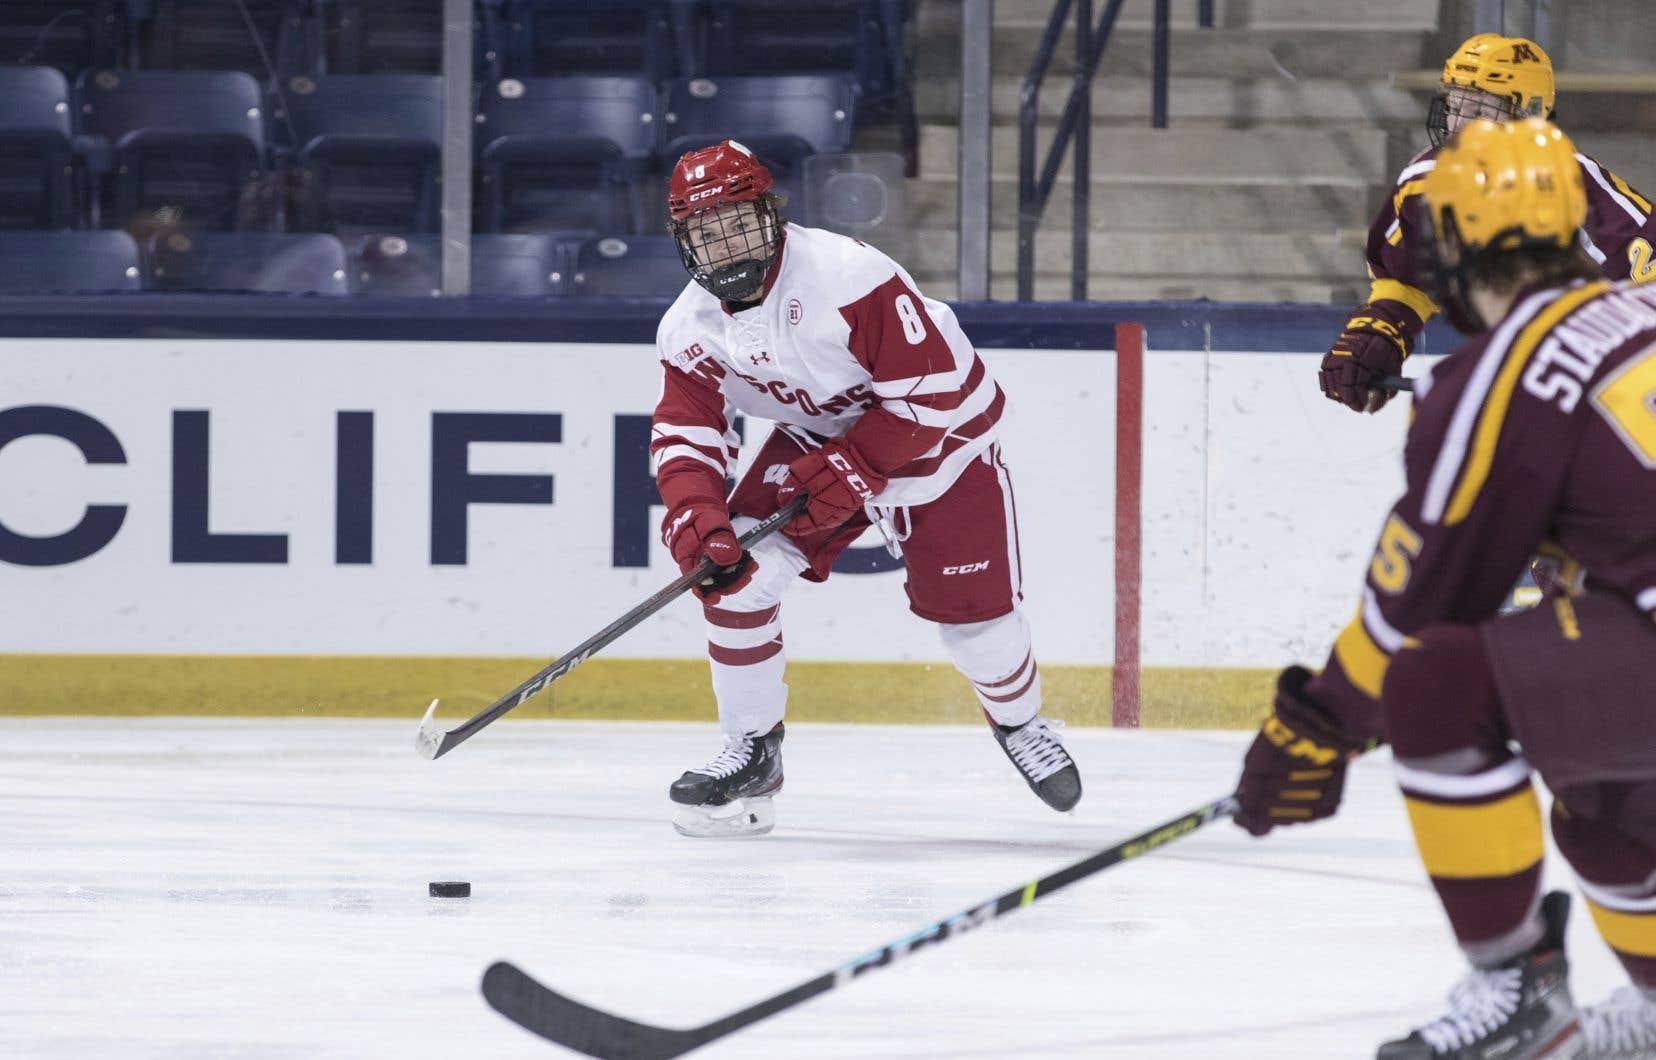 Cole Caufield a signé son premier contrat professionnel d'une durée de trois ans avec le Canadien de Montréal, samedi, au lendemain de l'élimination hâtive de son équipe universitaire du Championnat national de la NCAA.